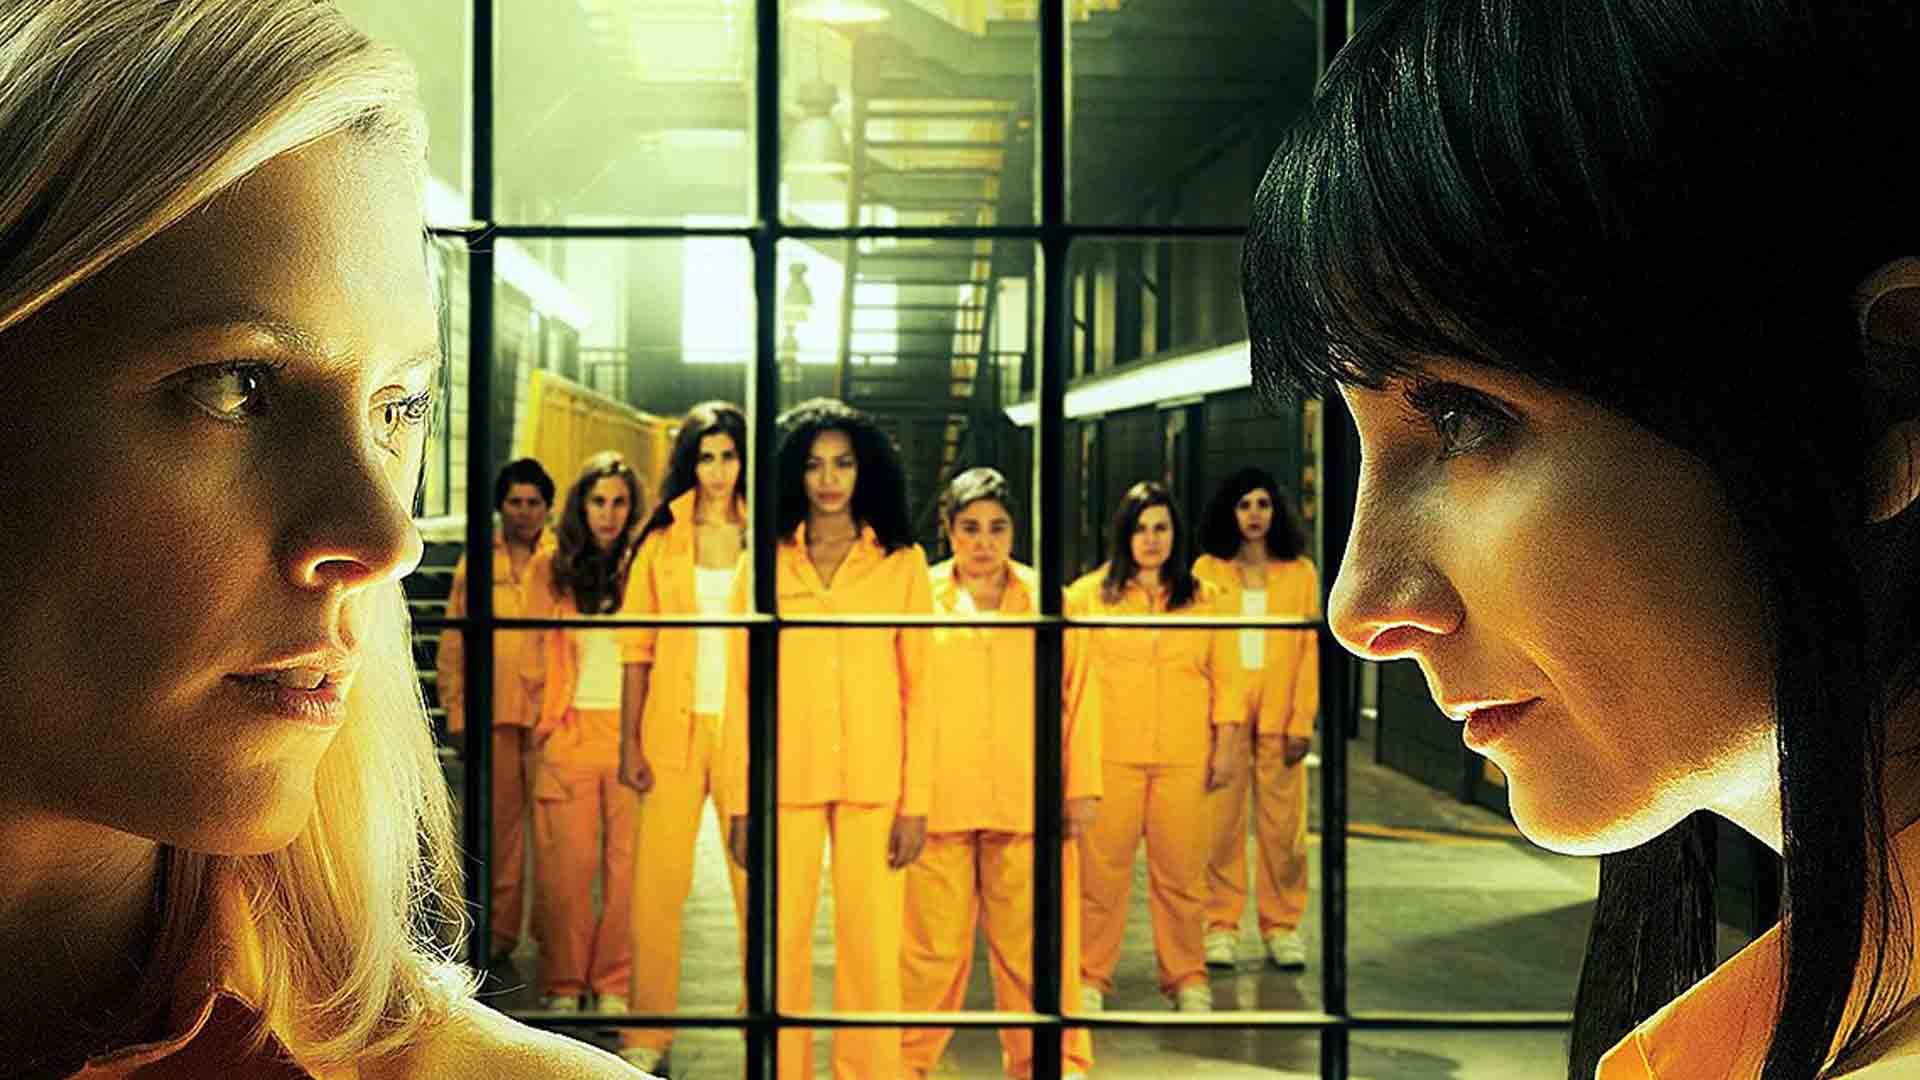 Altri 10 film e serie tv da vedere, nascosti su Netflix e Prime